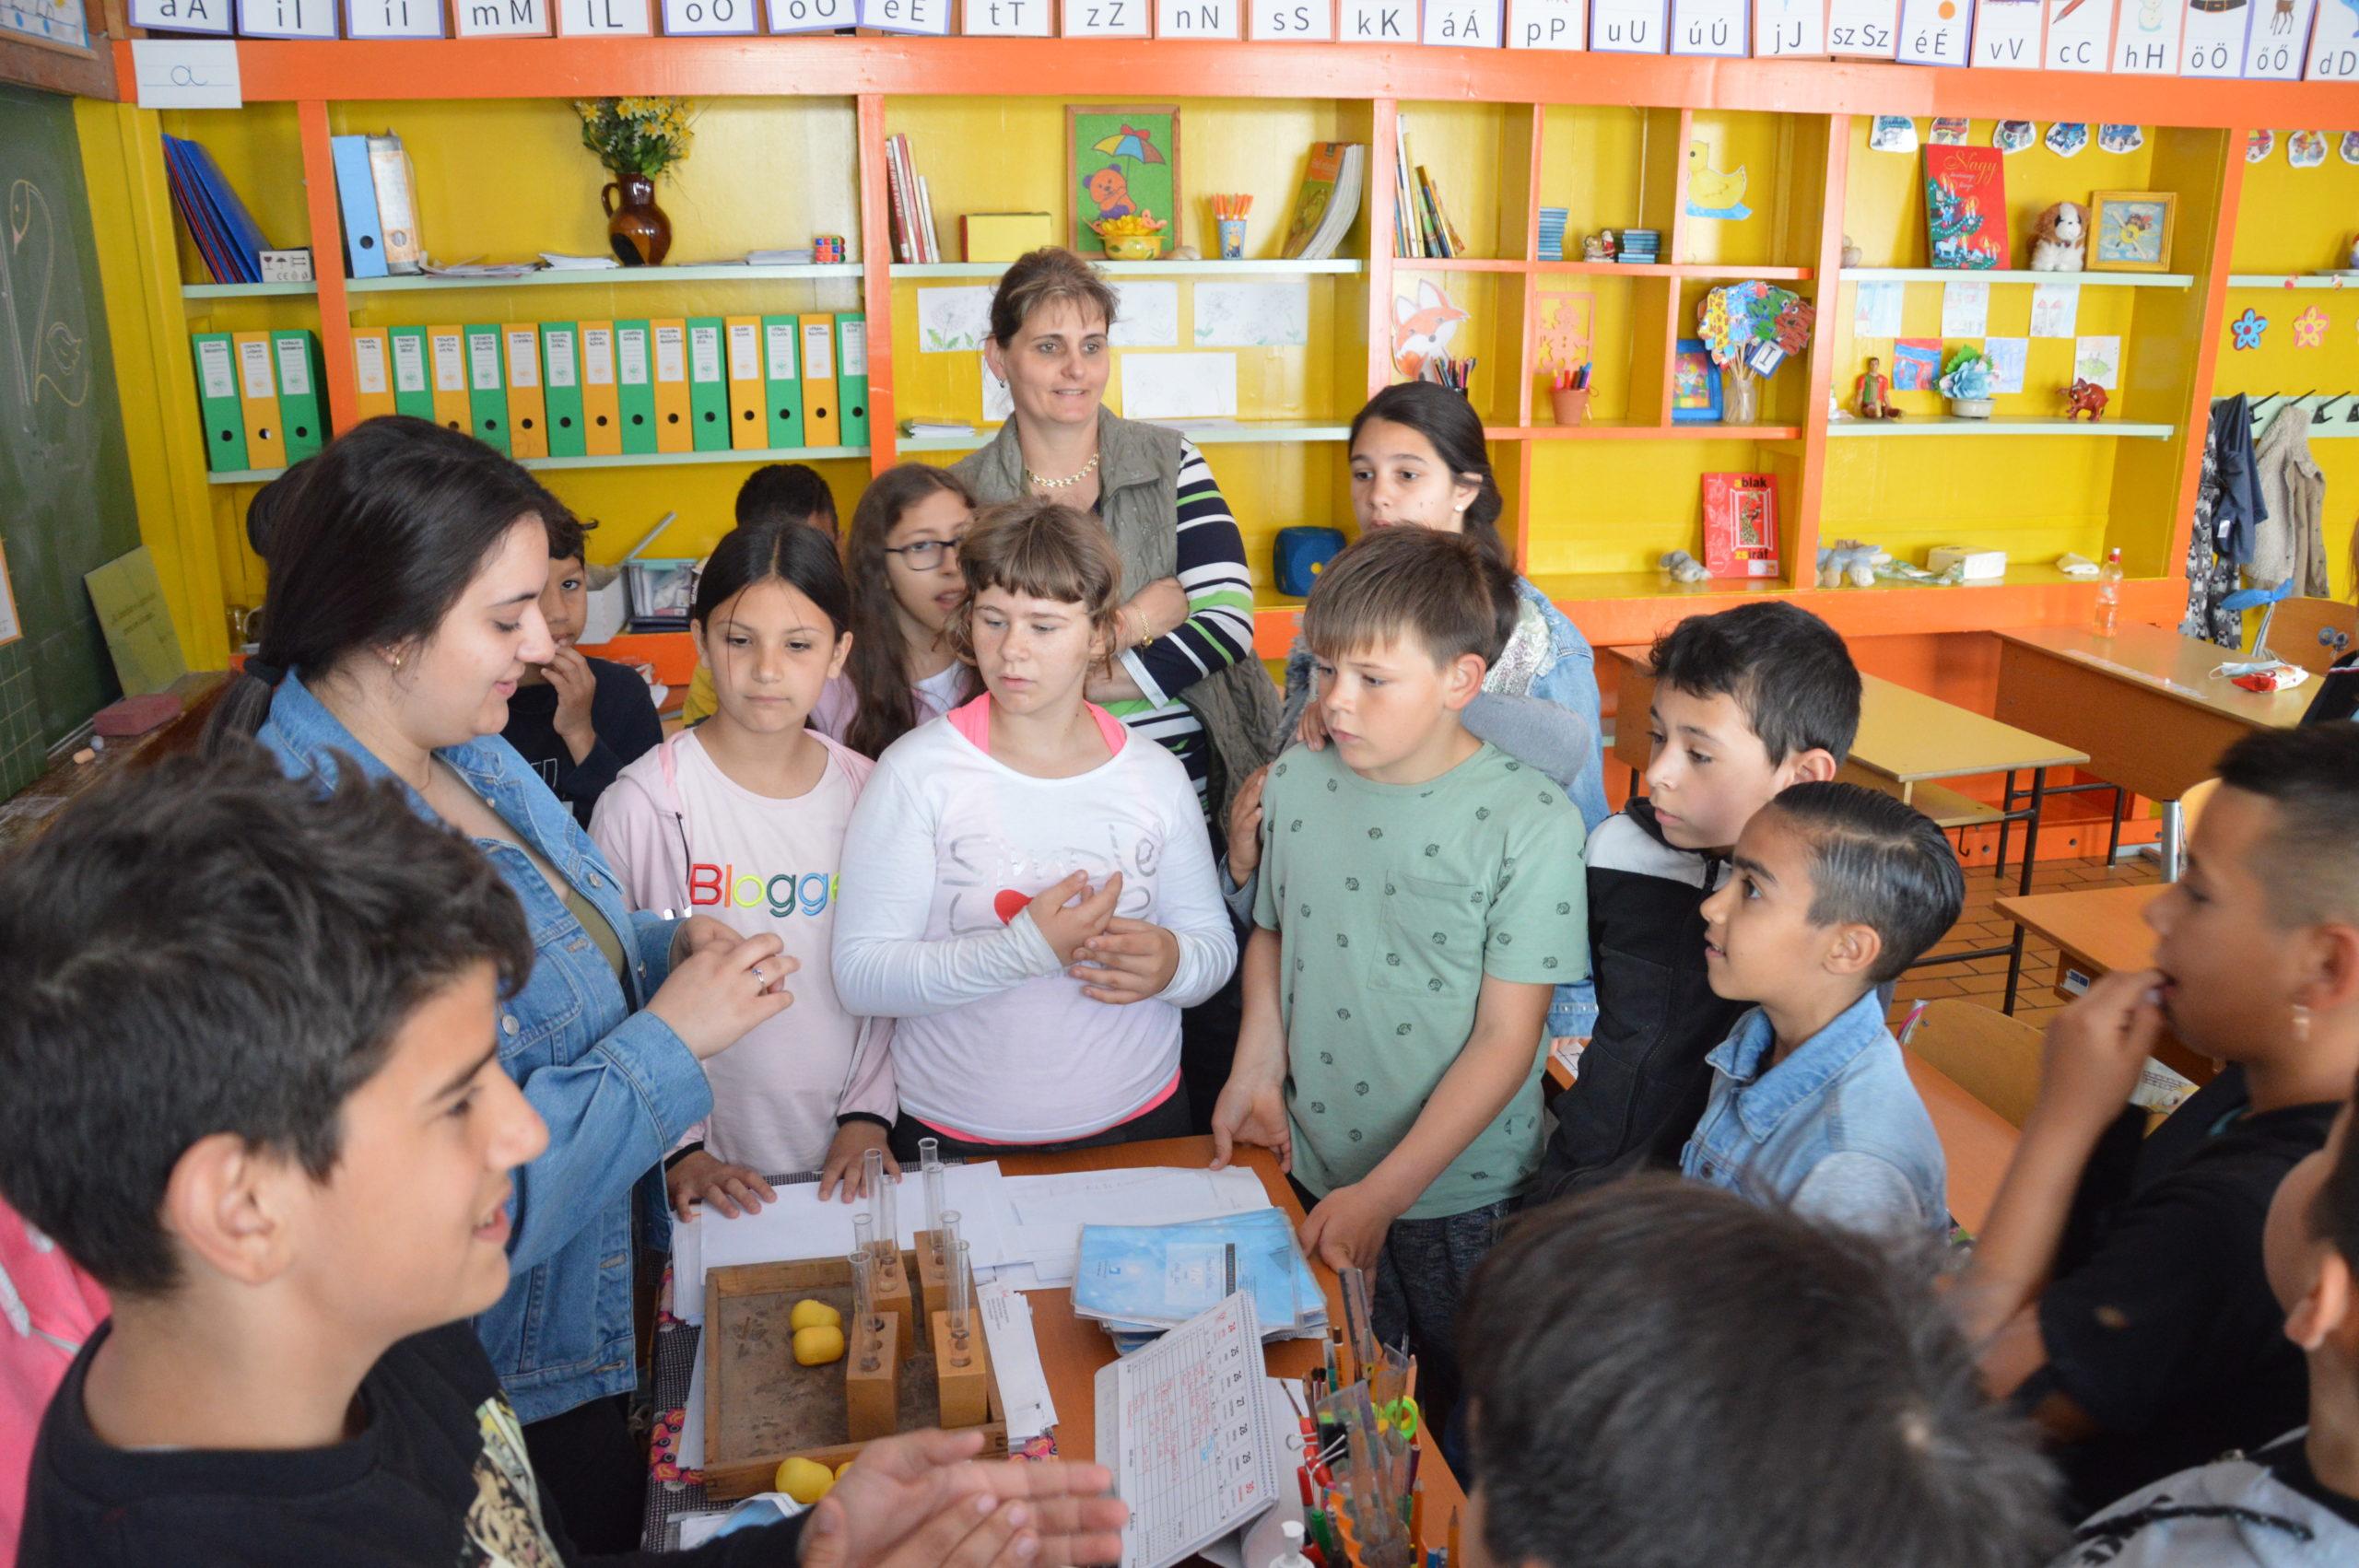 Bázisintézményi program és gyereknap a Reményhírben 10